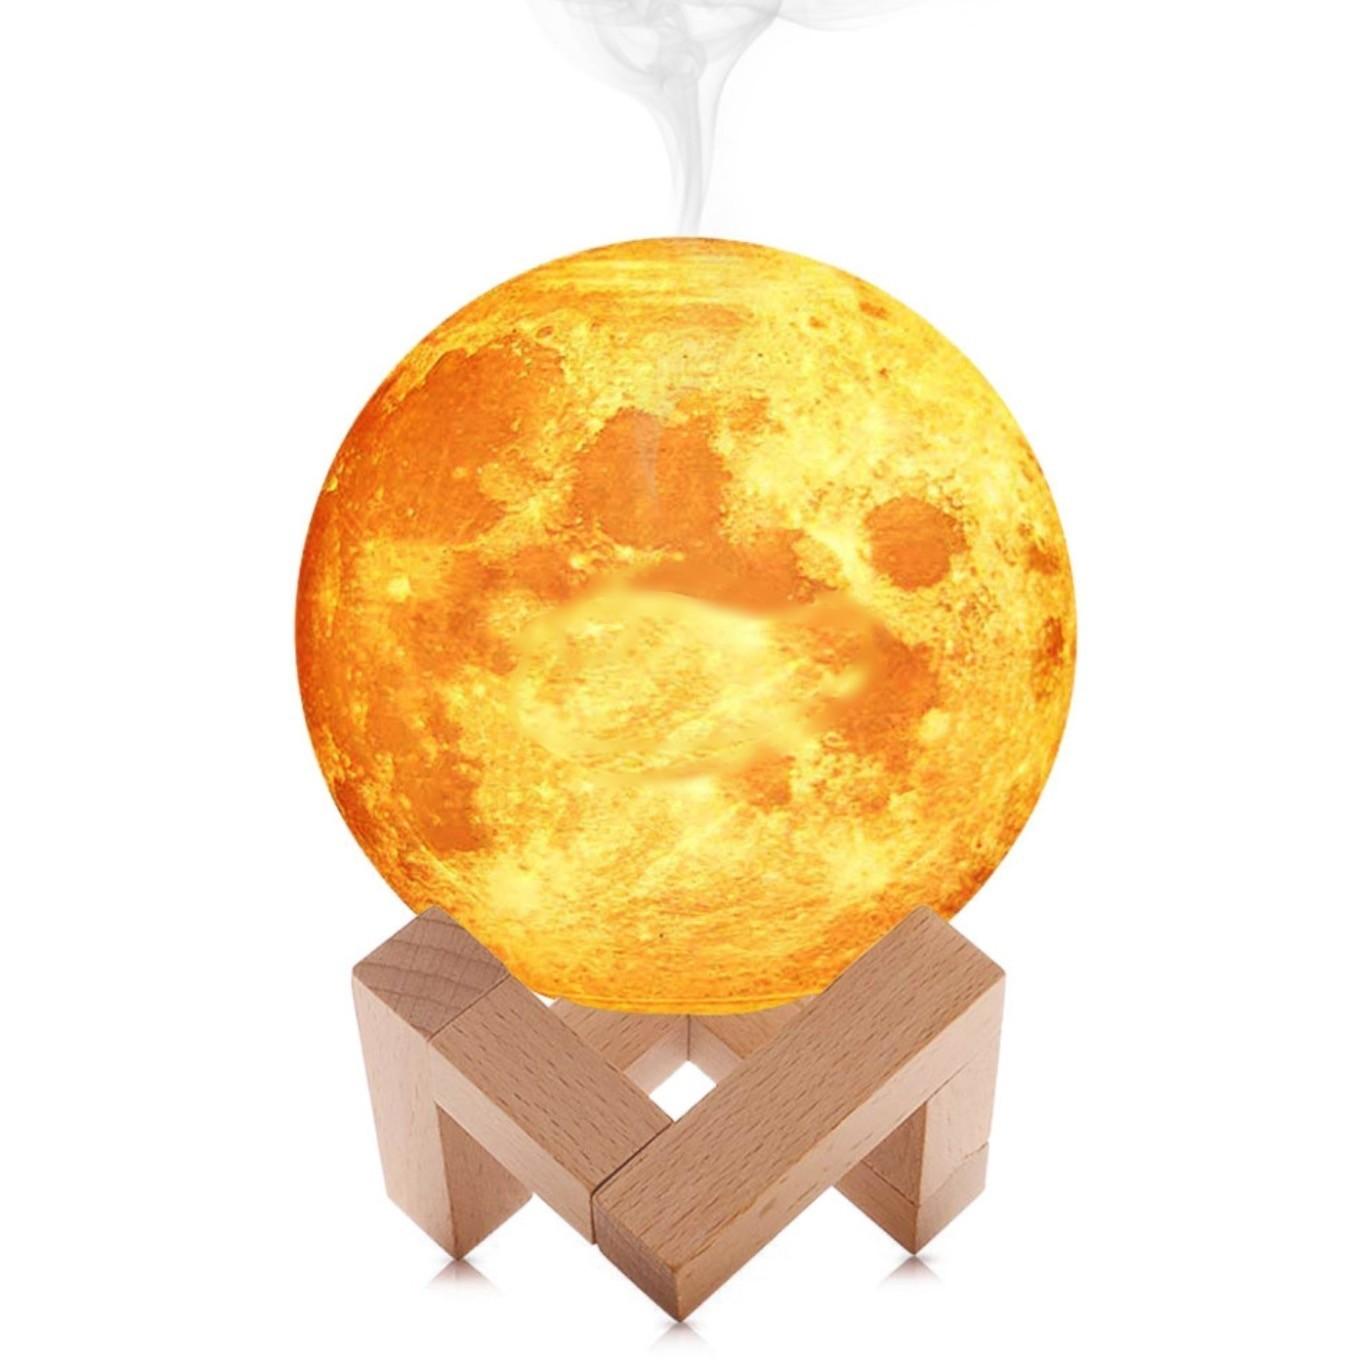 Umidificator lampa luna 3D cu suport de lemn 880 ml